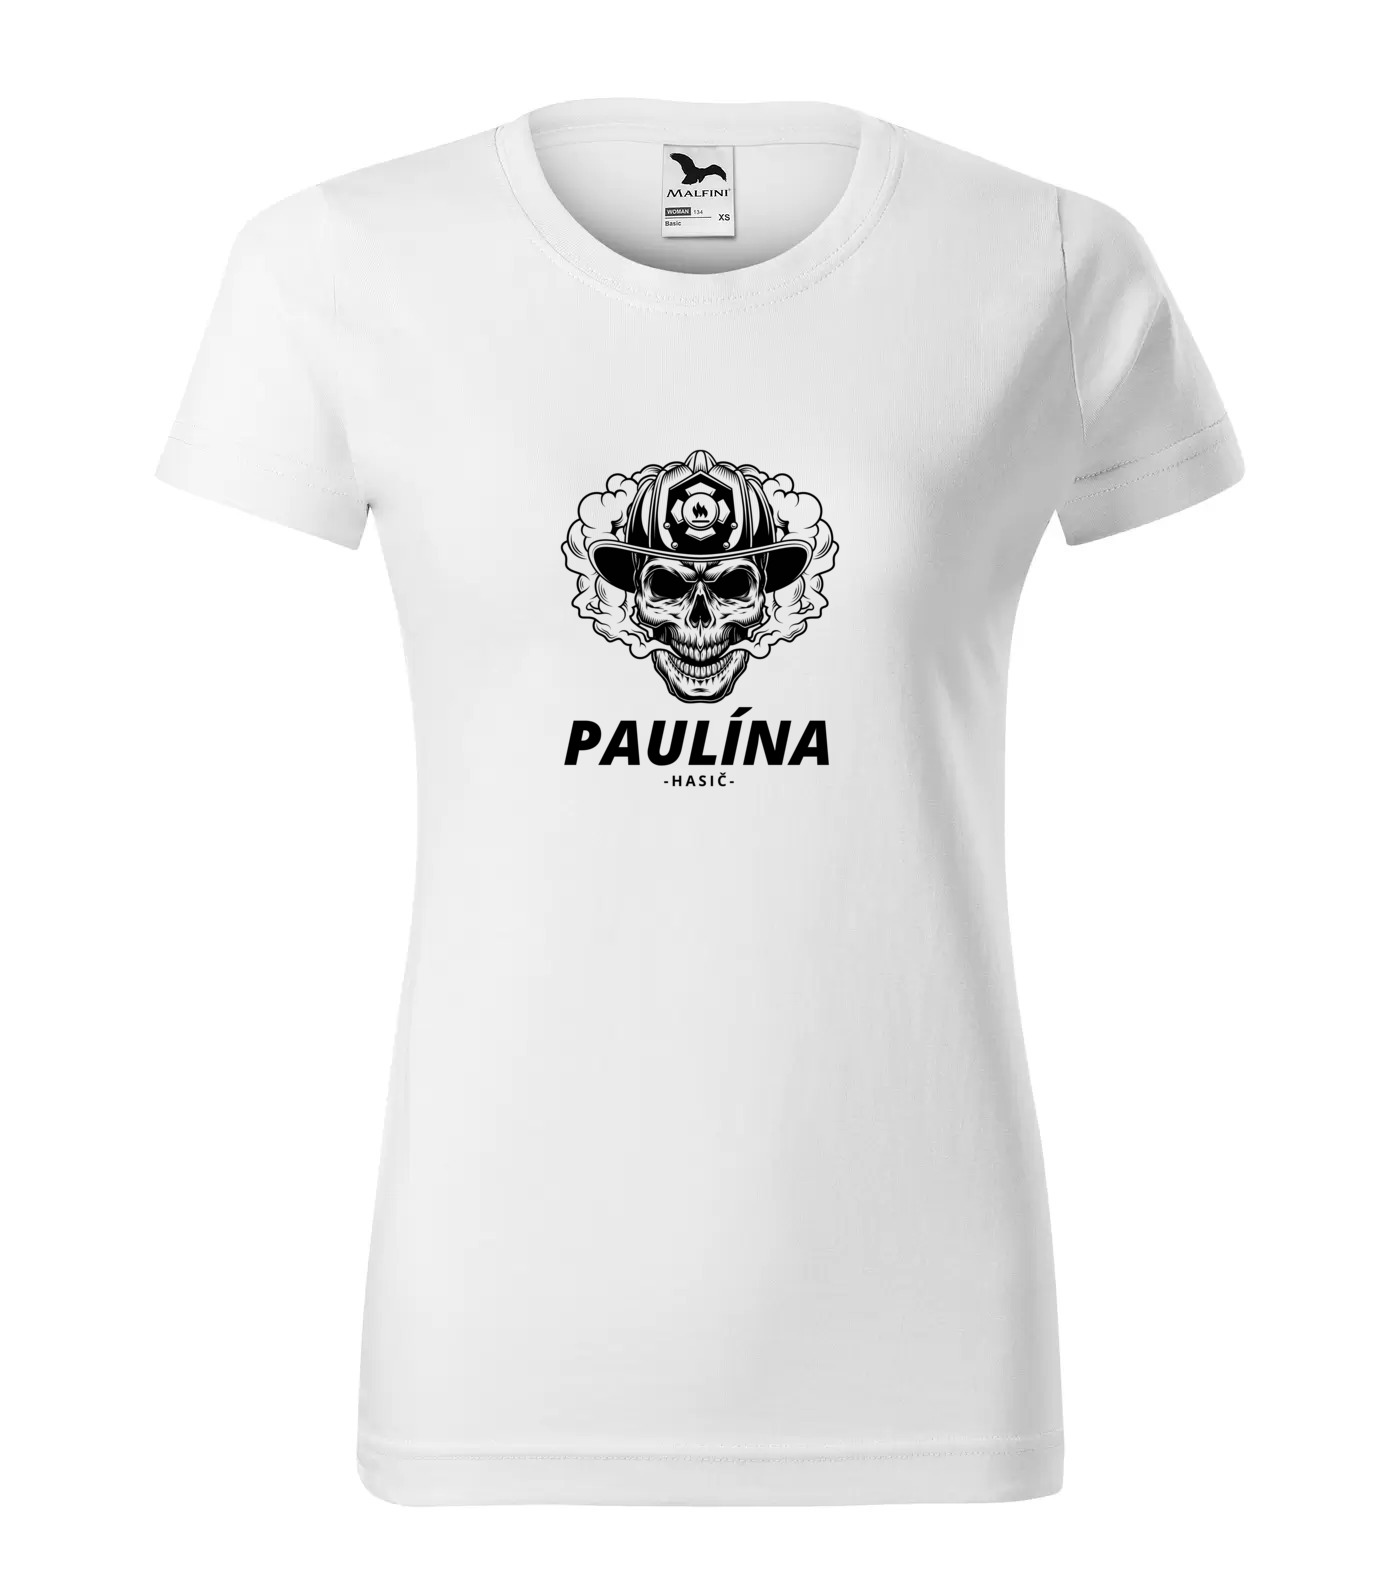 Tričko Hasič Paulína